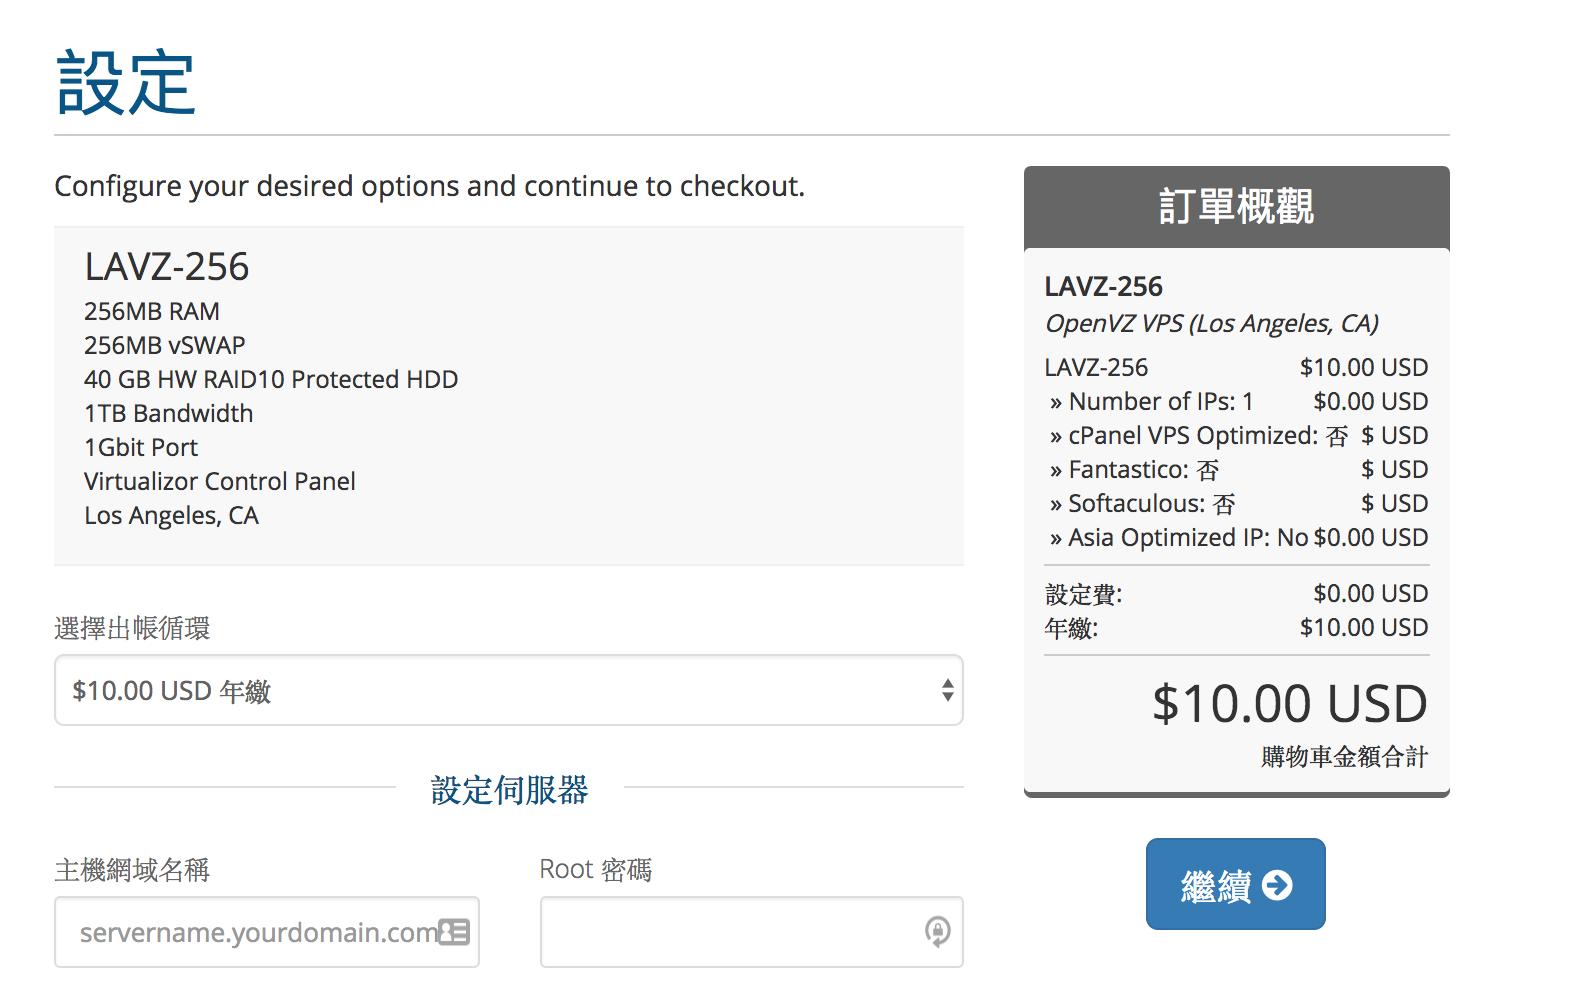 10.00美元一年 256内存 40GB磁盘 一月1TB流量 出口1G, 网站支持繁体中文